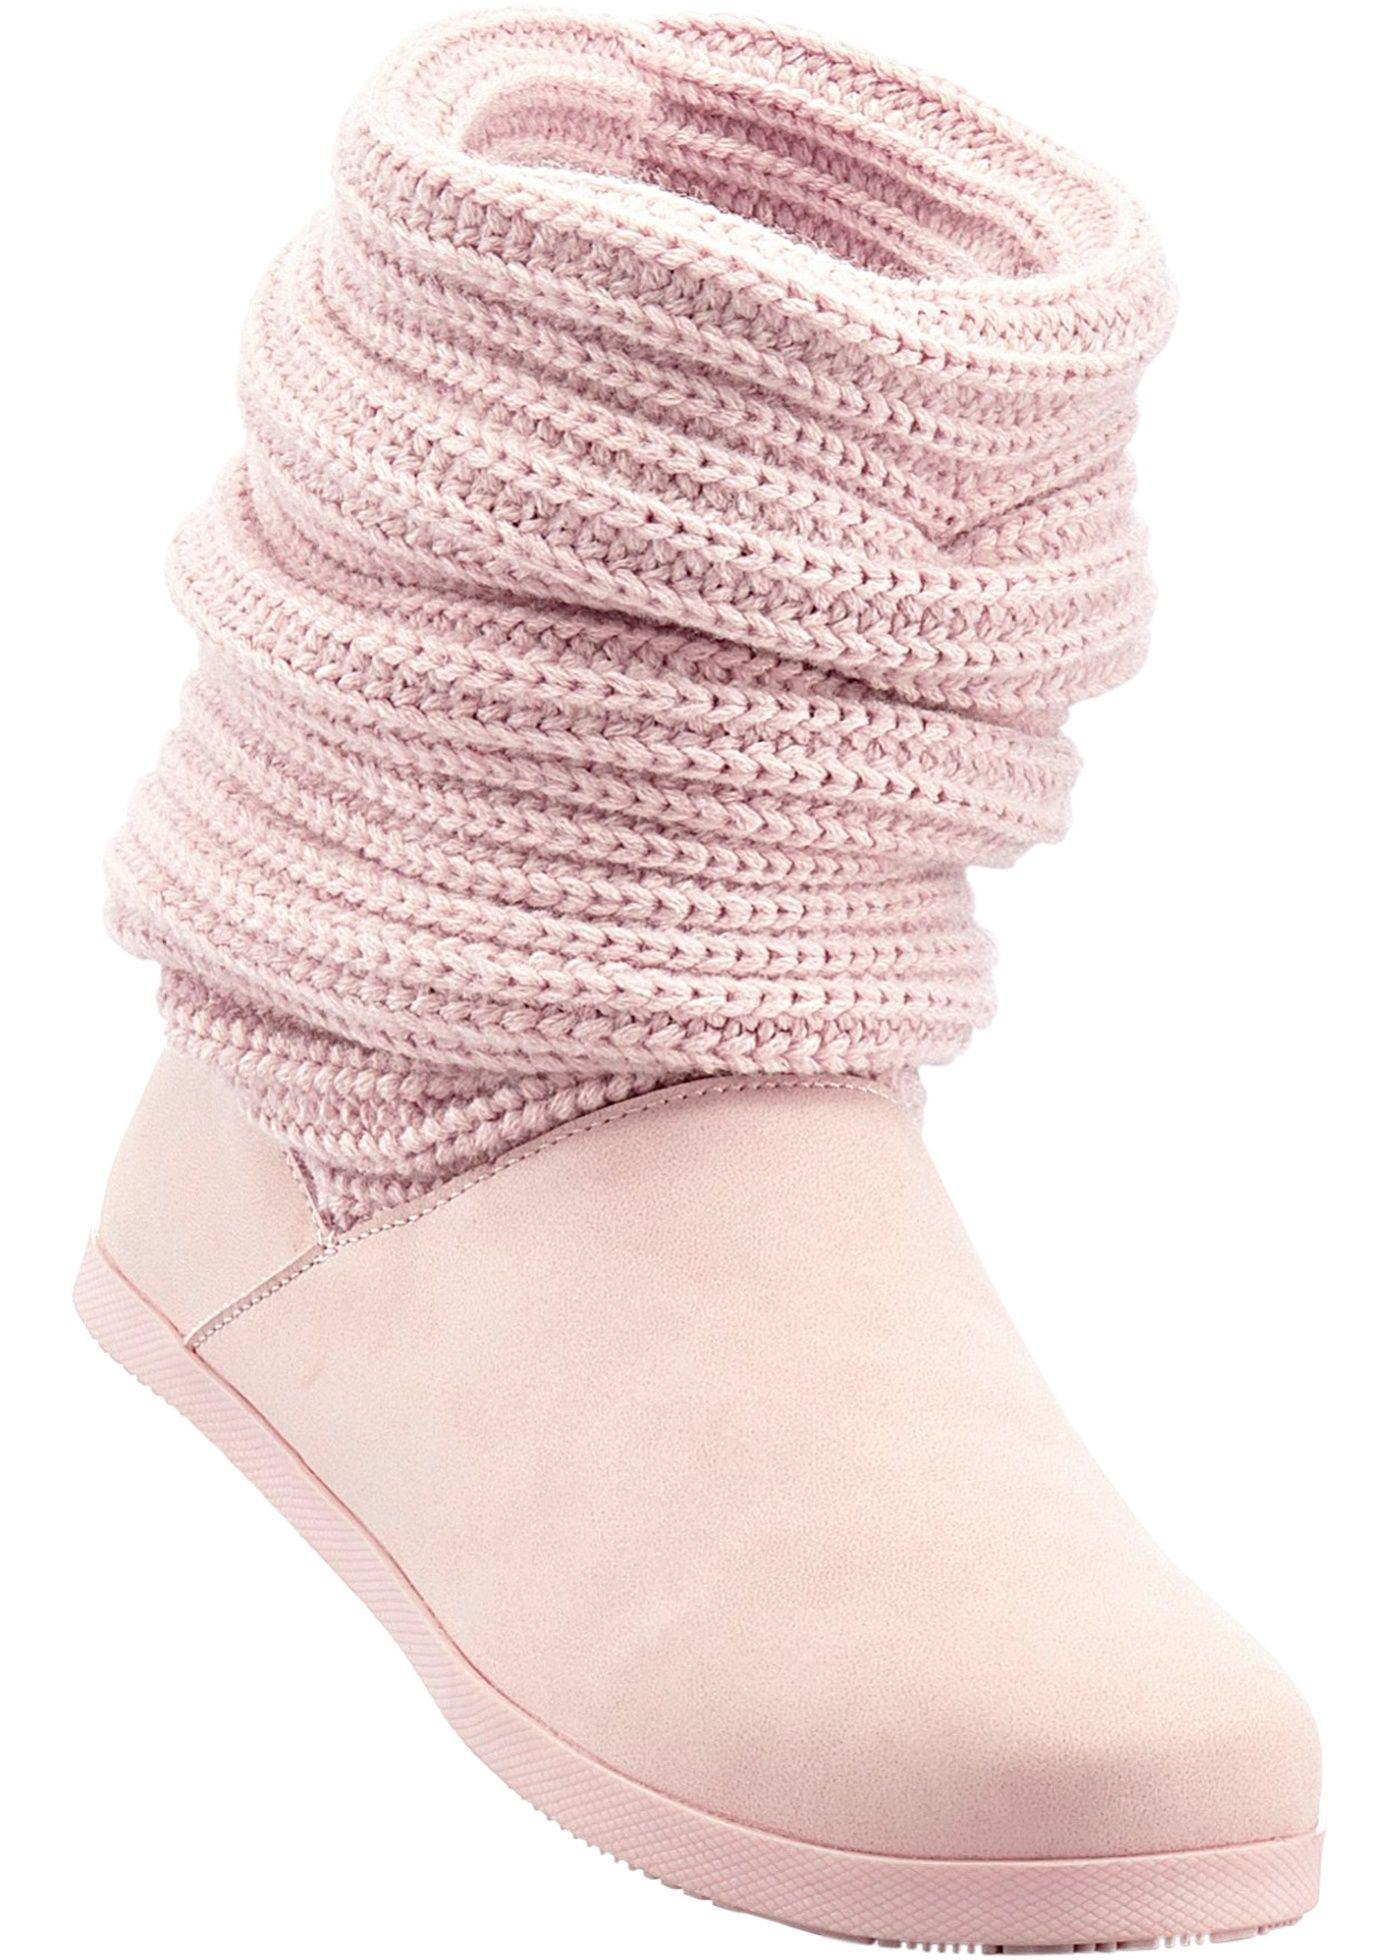 Zimní kozačky | Schuhe damen, Frauen stiefel und